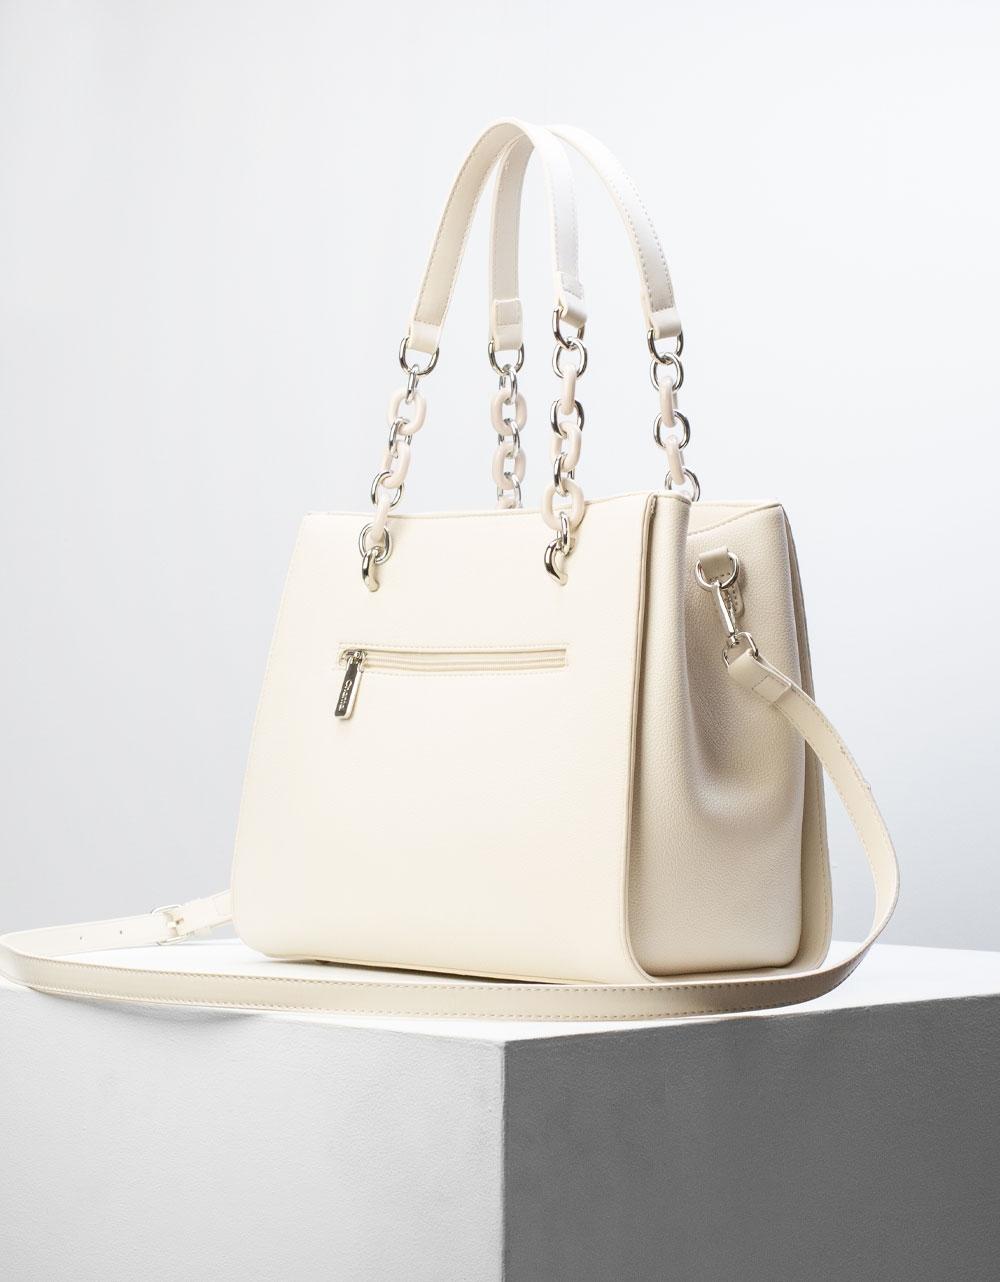 Εικόνα από Γυναικεία τσάντα ώμου με λουράκι χιαστί Μπεζ